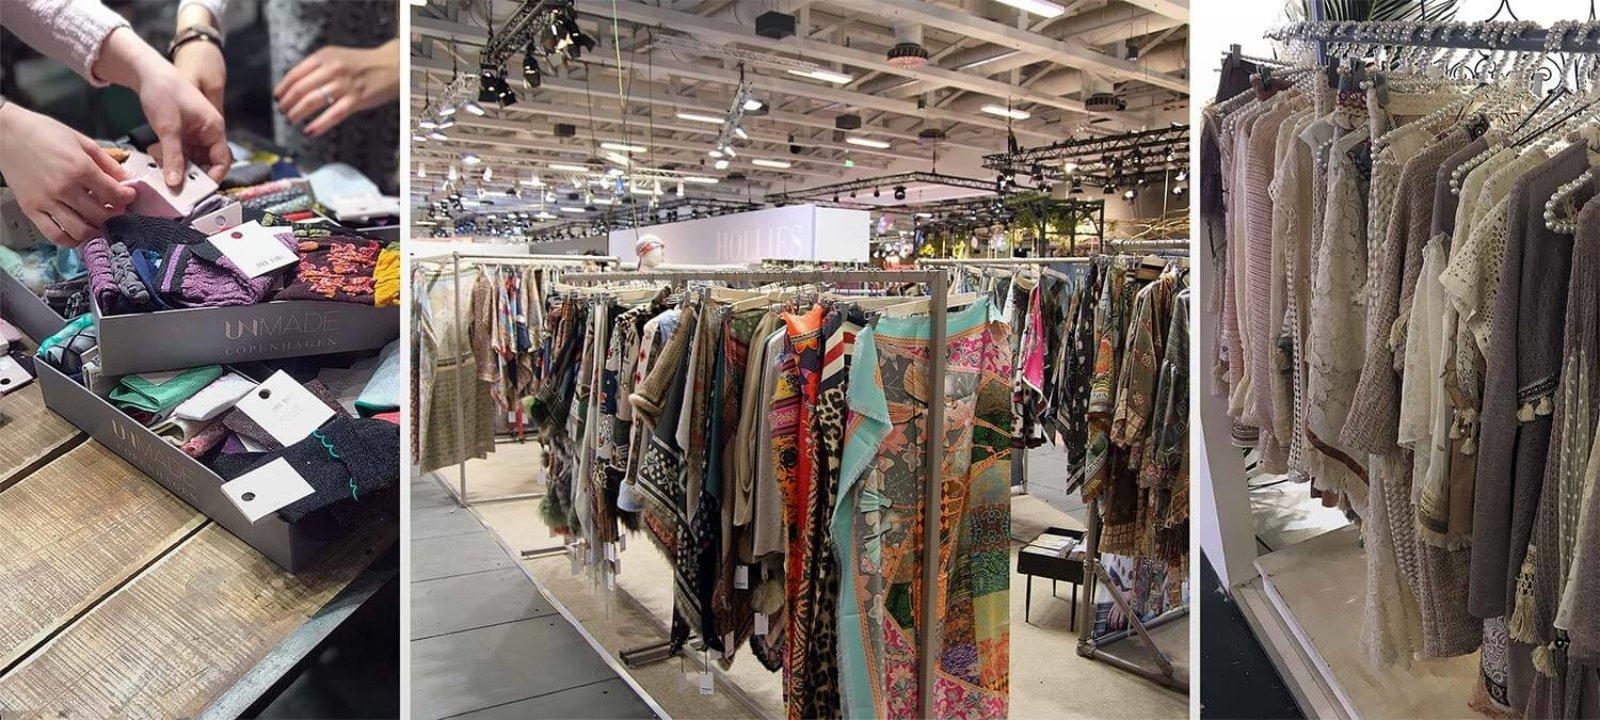 43317_fashionweek-hw17-teil2-01-titel